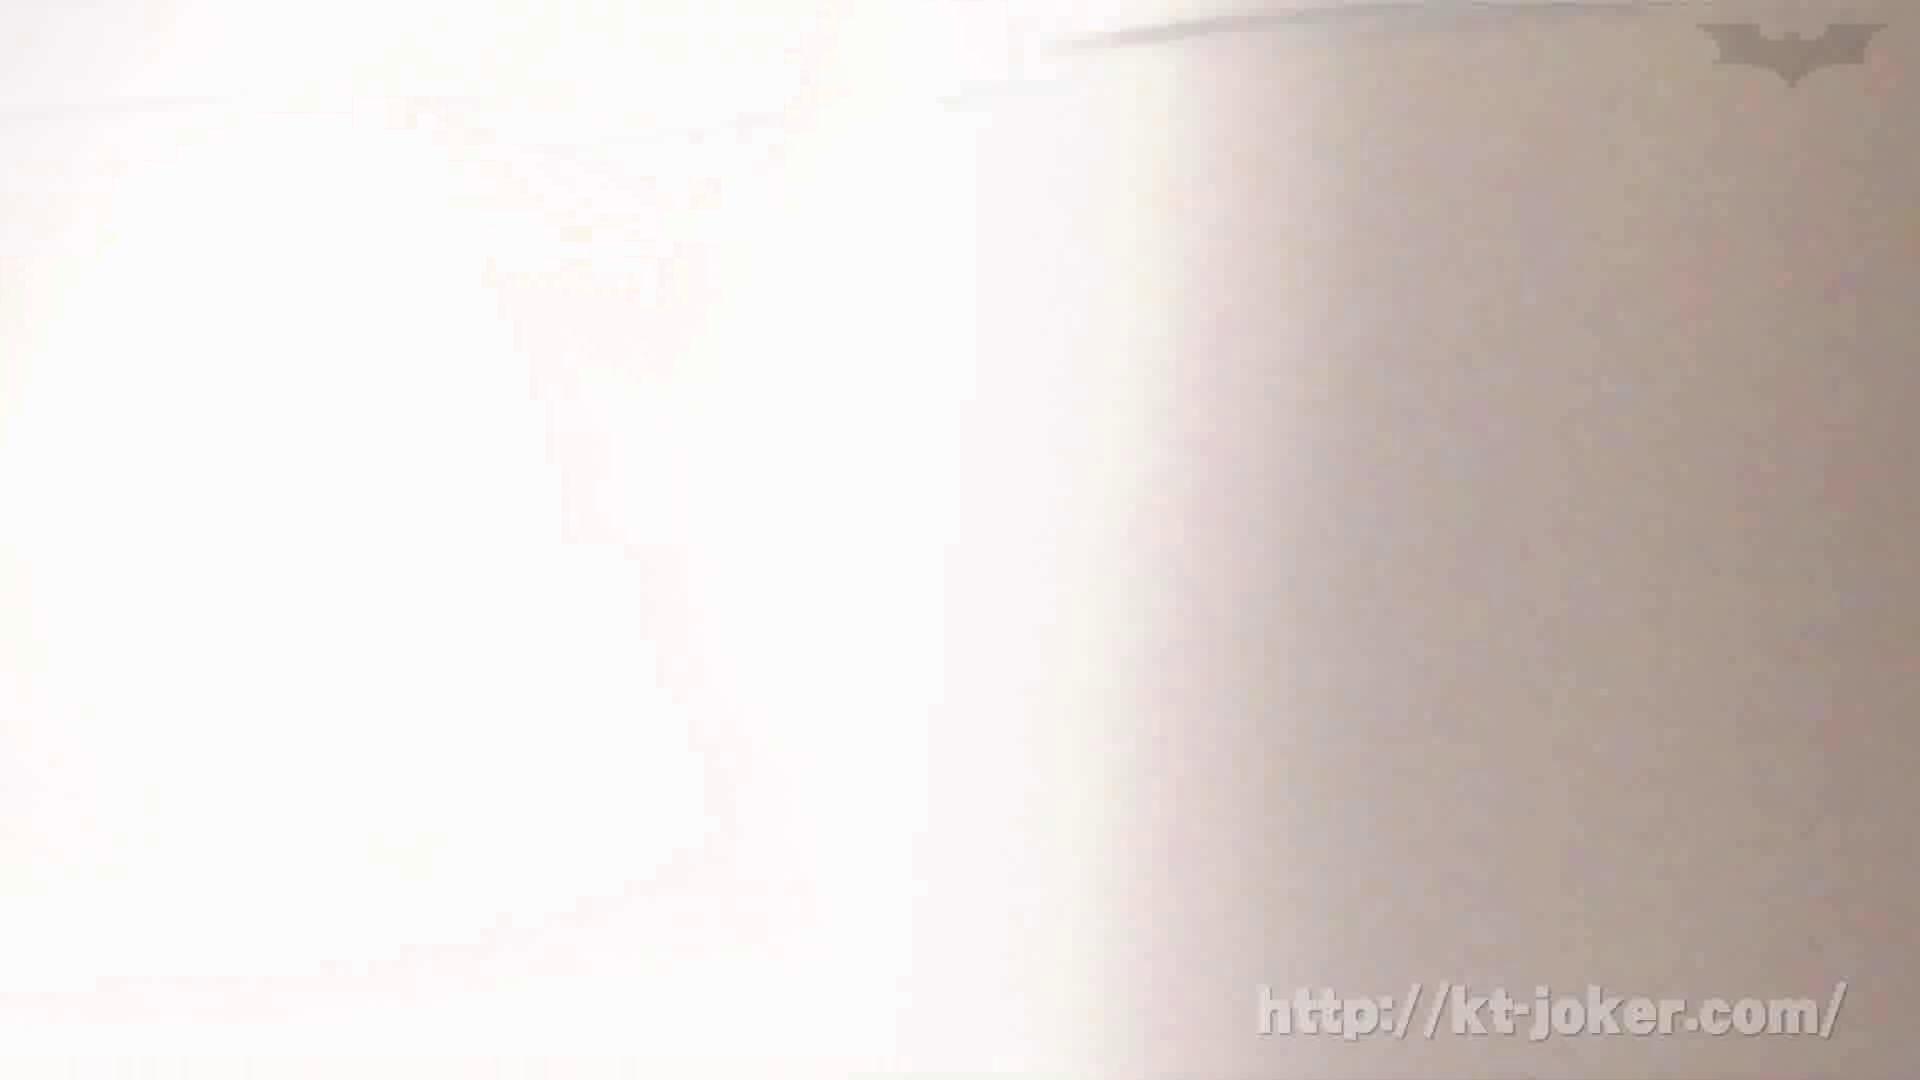 命がけ潜伏洗面所! vol.68 レベルアップ!! OL女体 | 洗面所  51連発 4